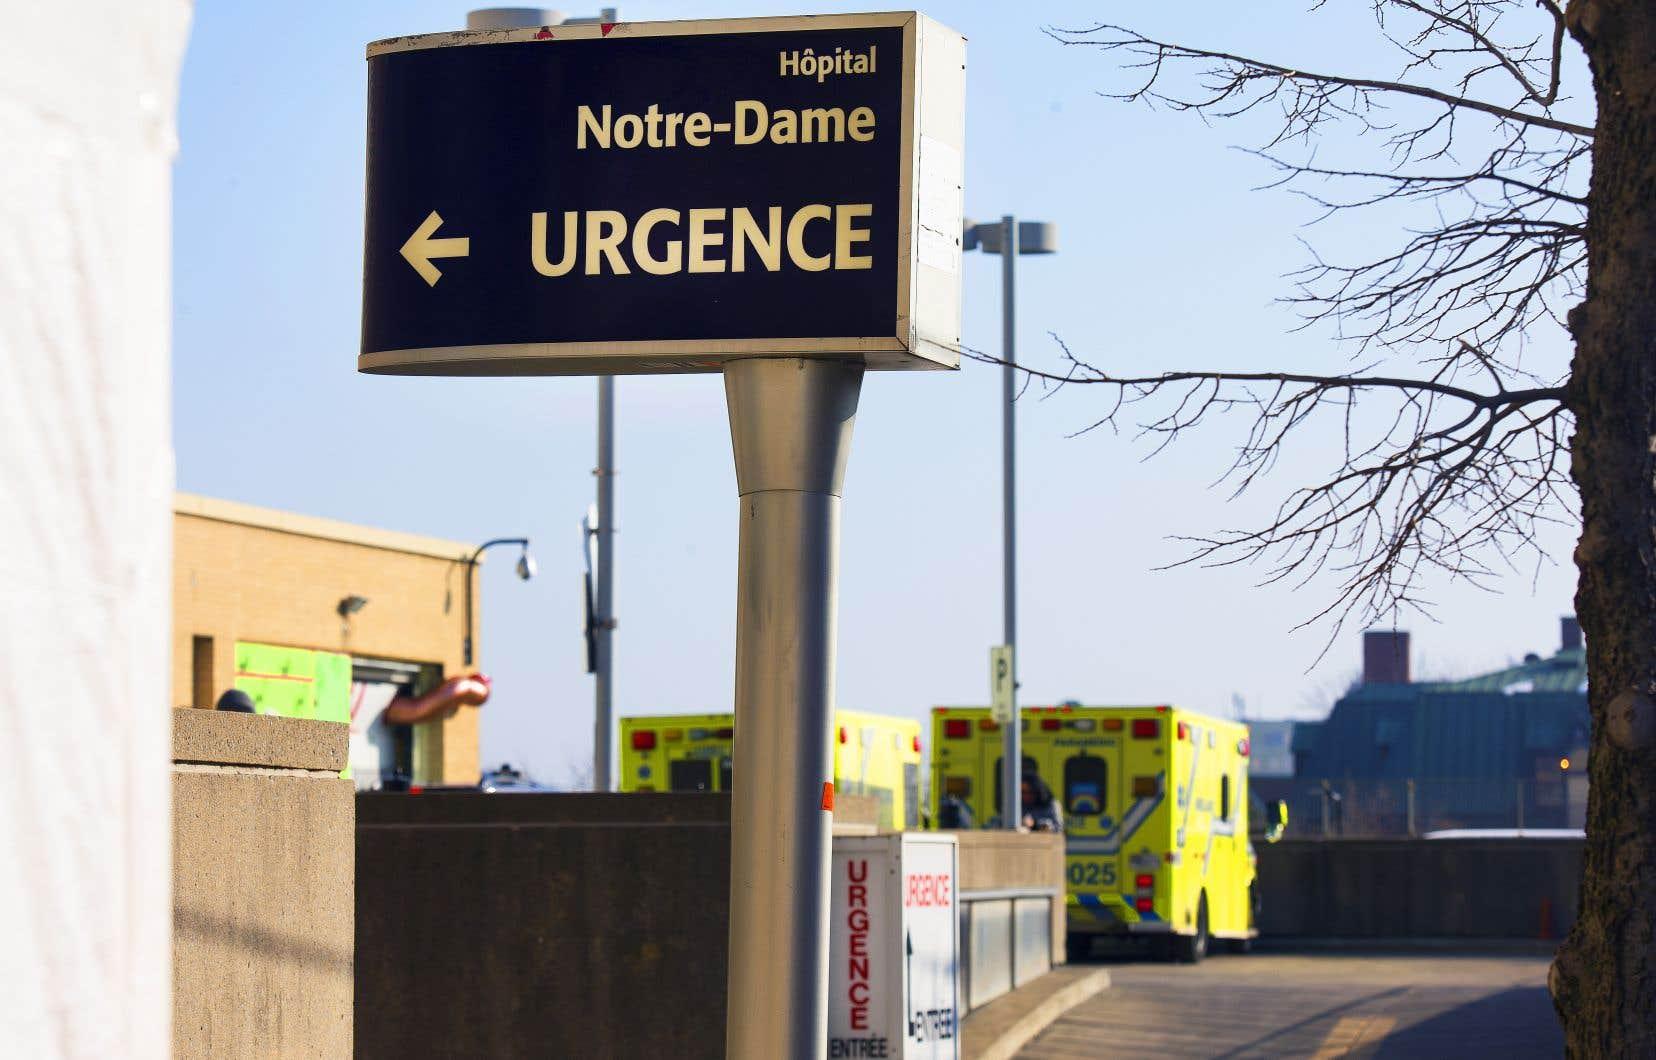 Le chef de service de l'urgence psychiatrique de l'Hôpital Notre-Dame, le DrStéphane Proulx, est préoccupé par cette nouvelle tendance apparue lors de la deuxième vague.